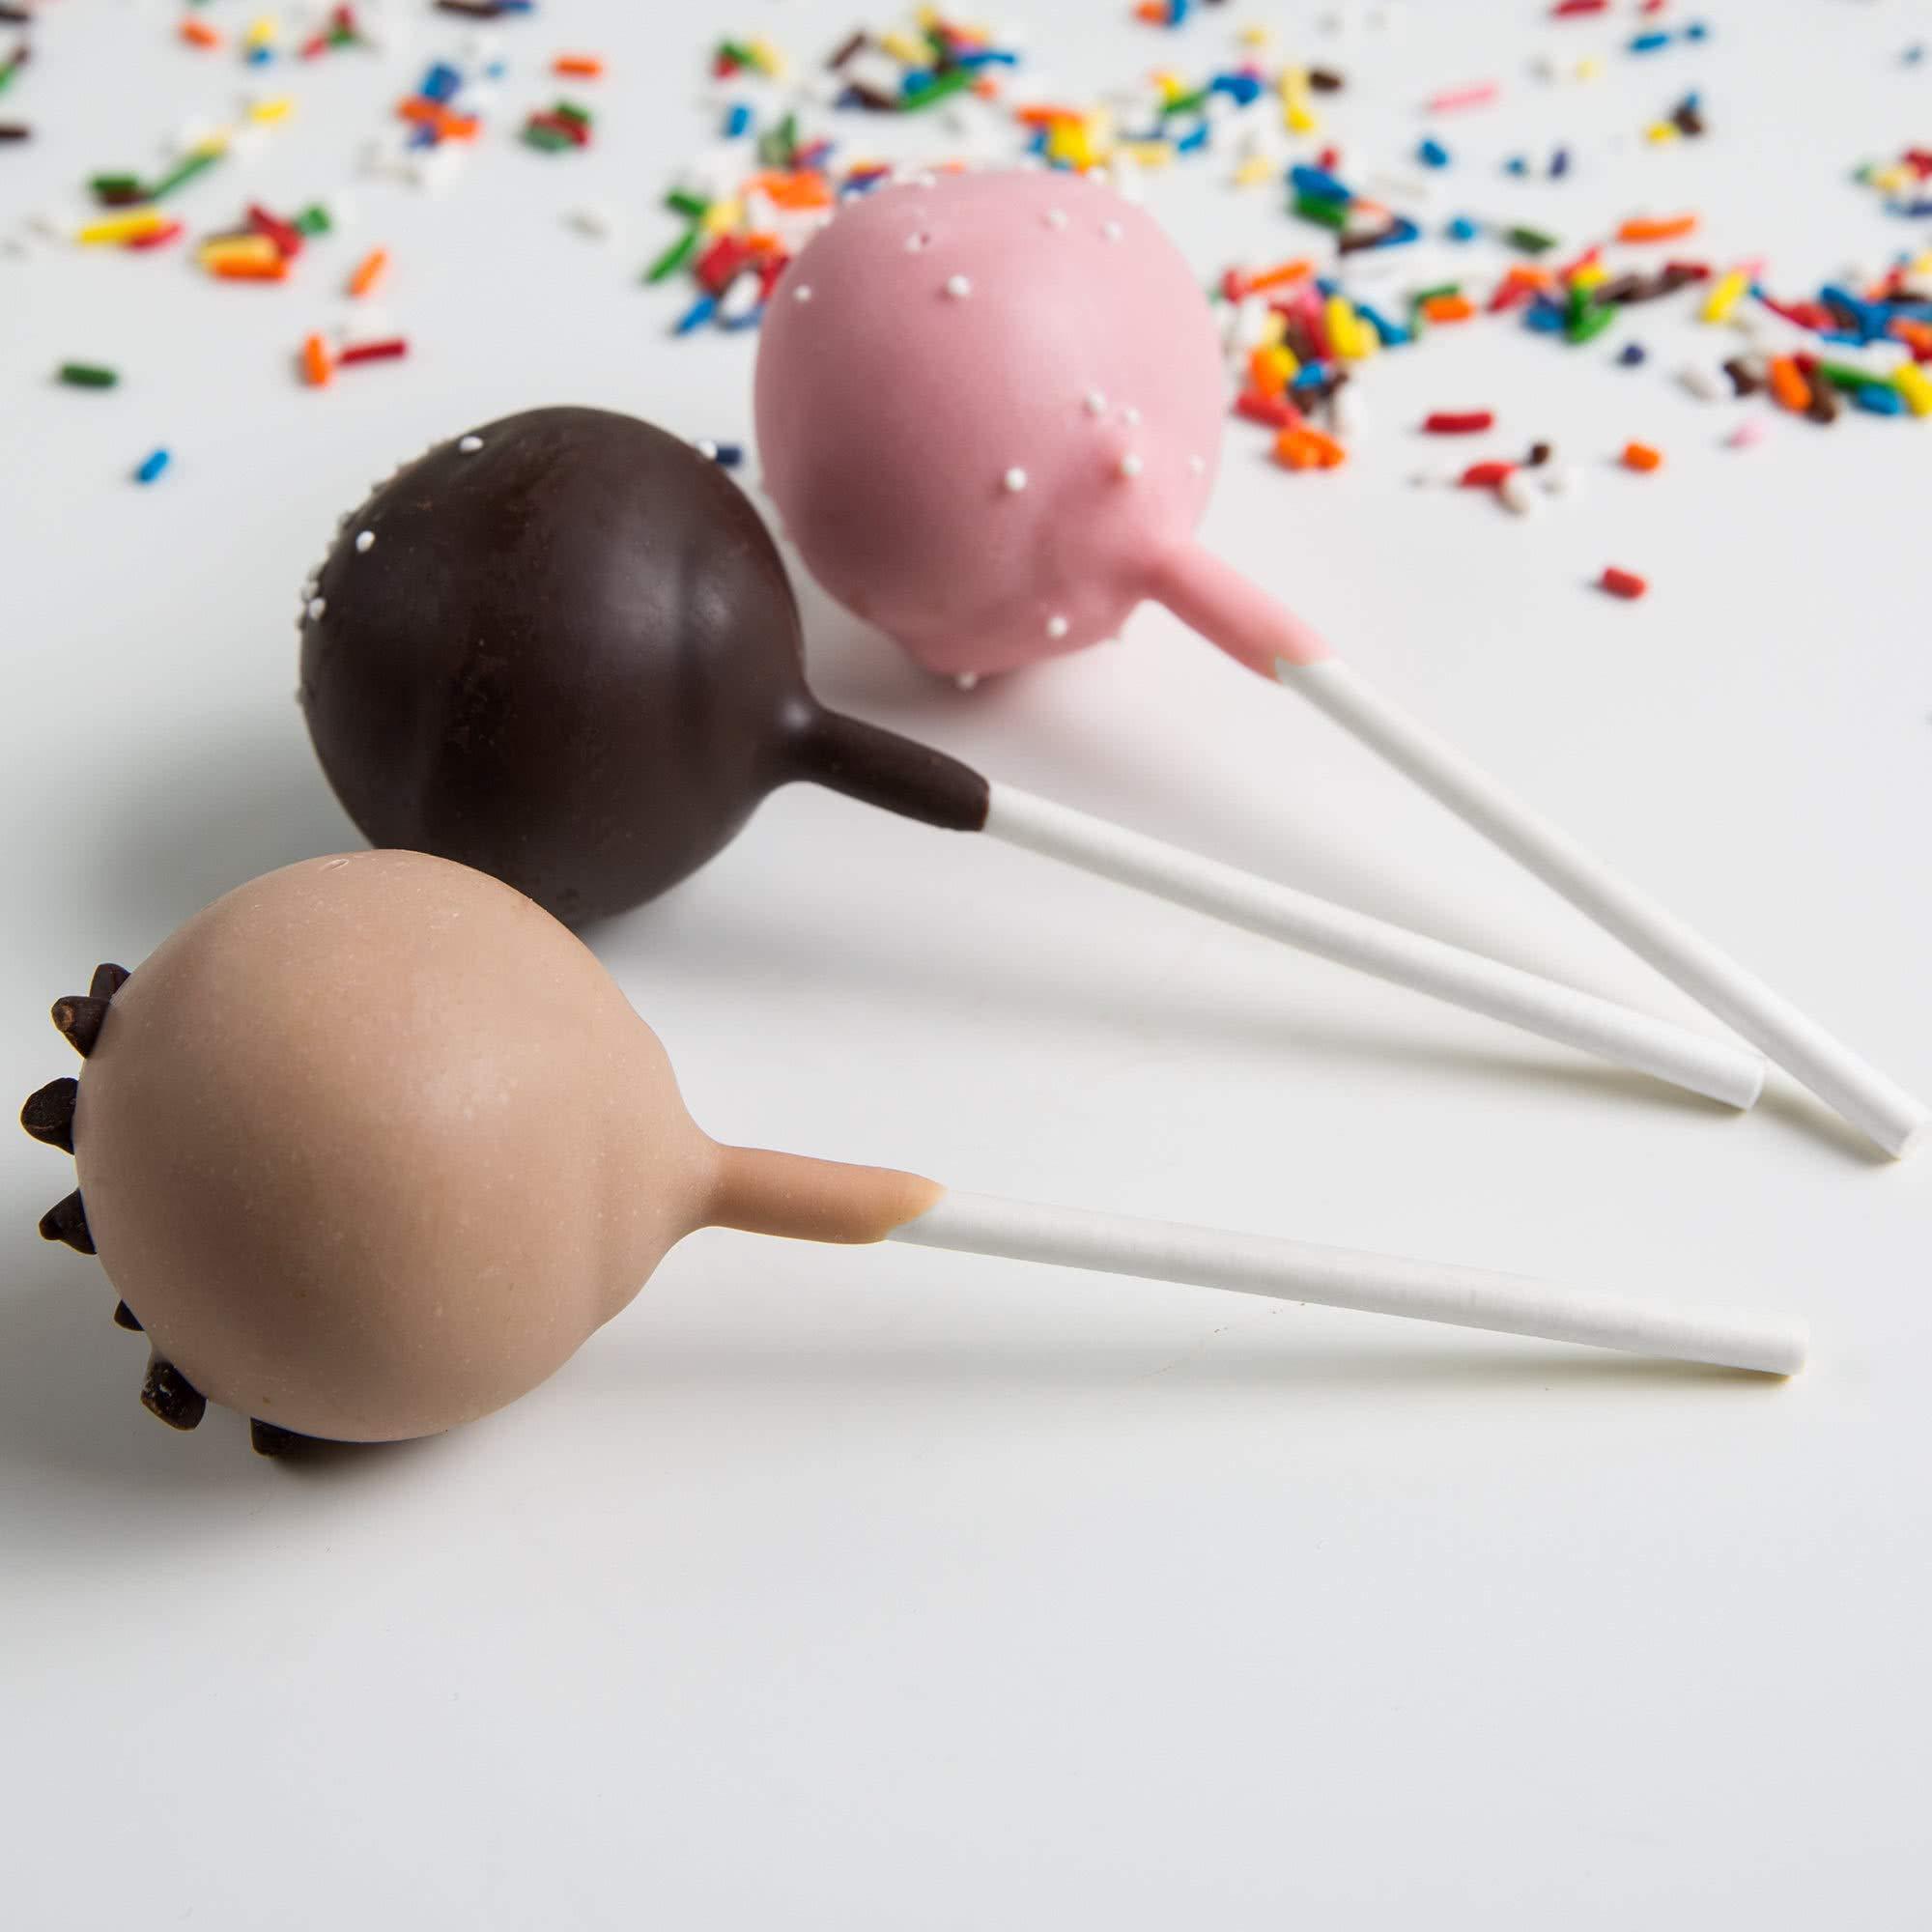 Paper Lollipop Stick 4'' x 5/32'' - 1000 / Pack by Paper Lollipop (Image #1)